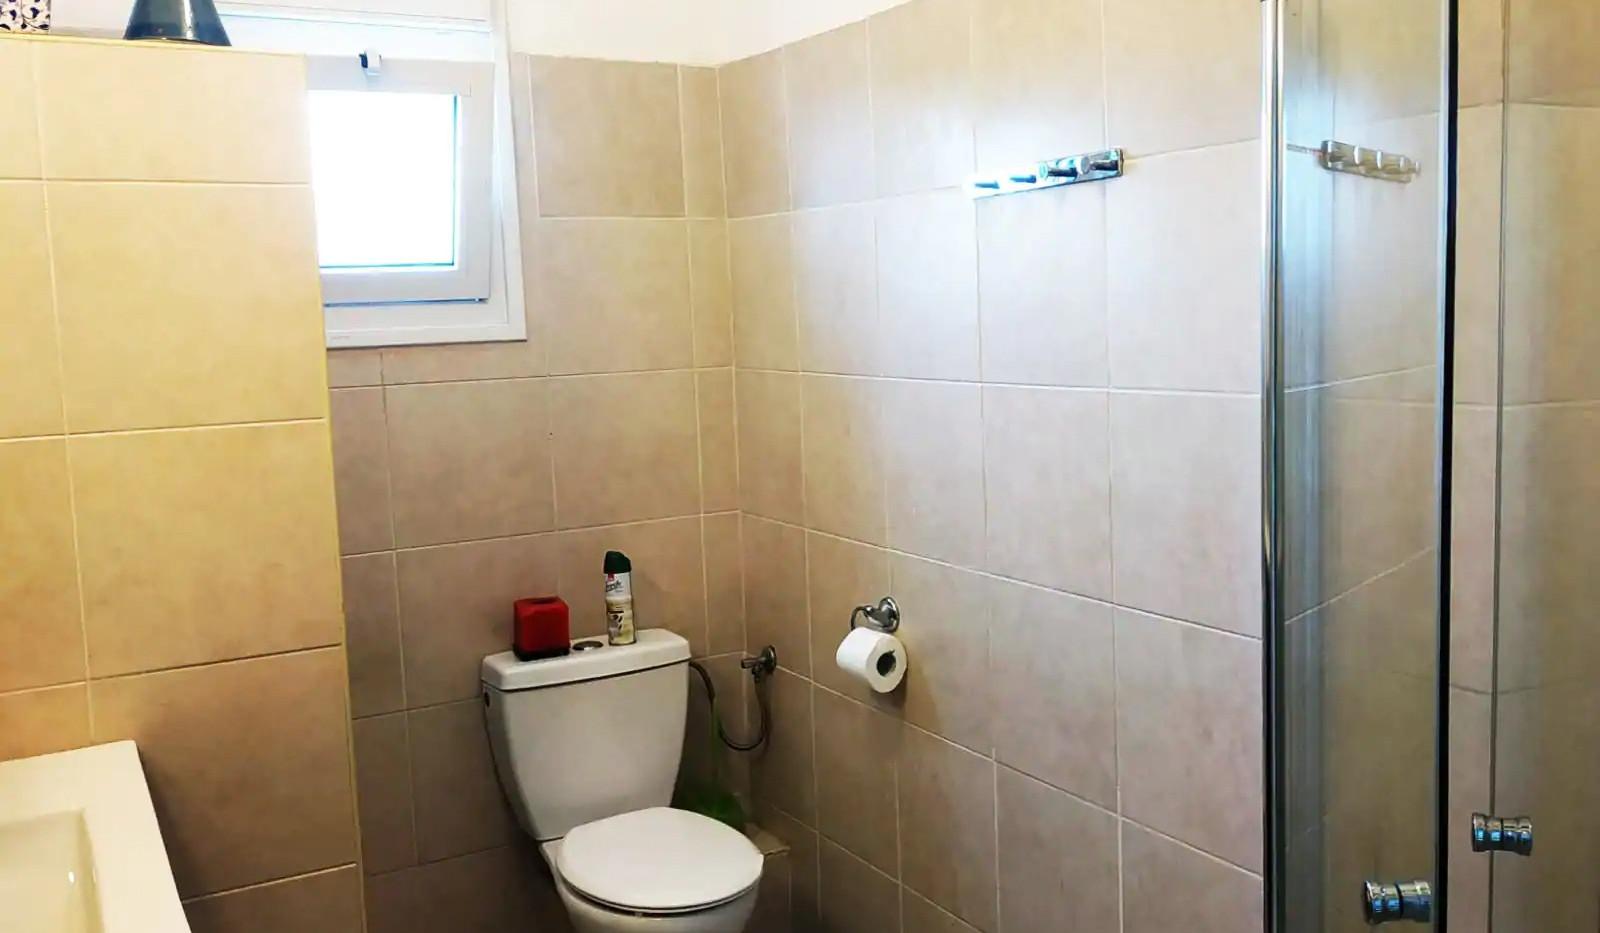 חדר הרחצה המשותף לשני החדרים בקומה העליונה. The shared shower room (for two bedrooms) on the upper floor.